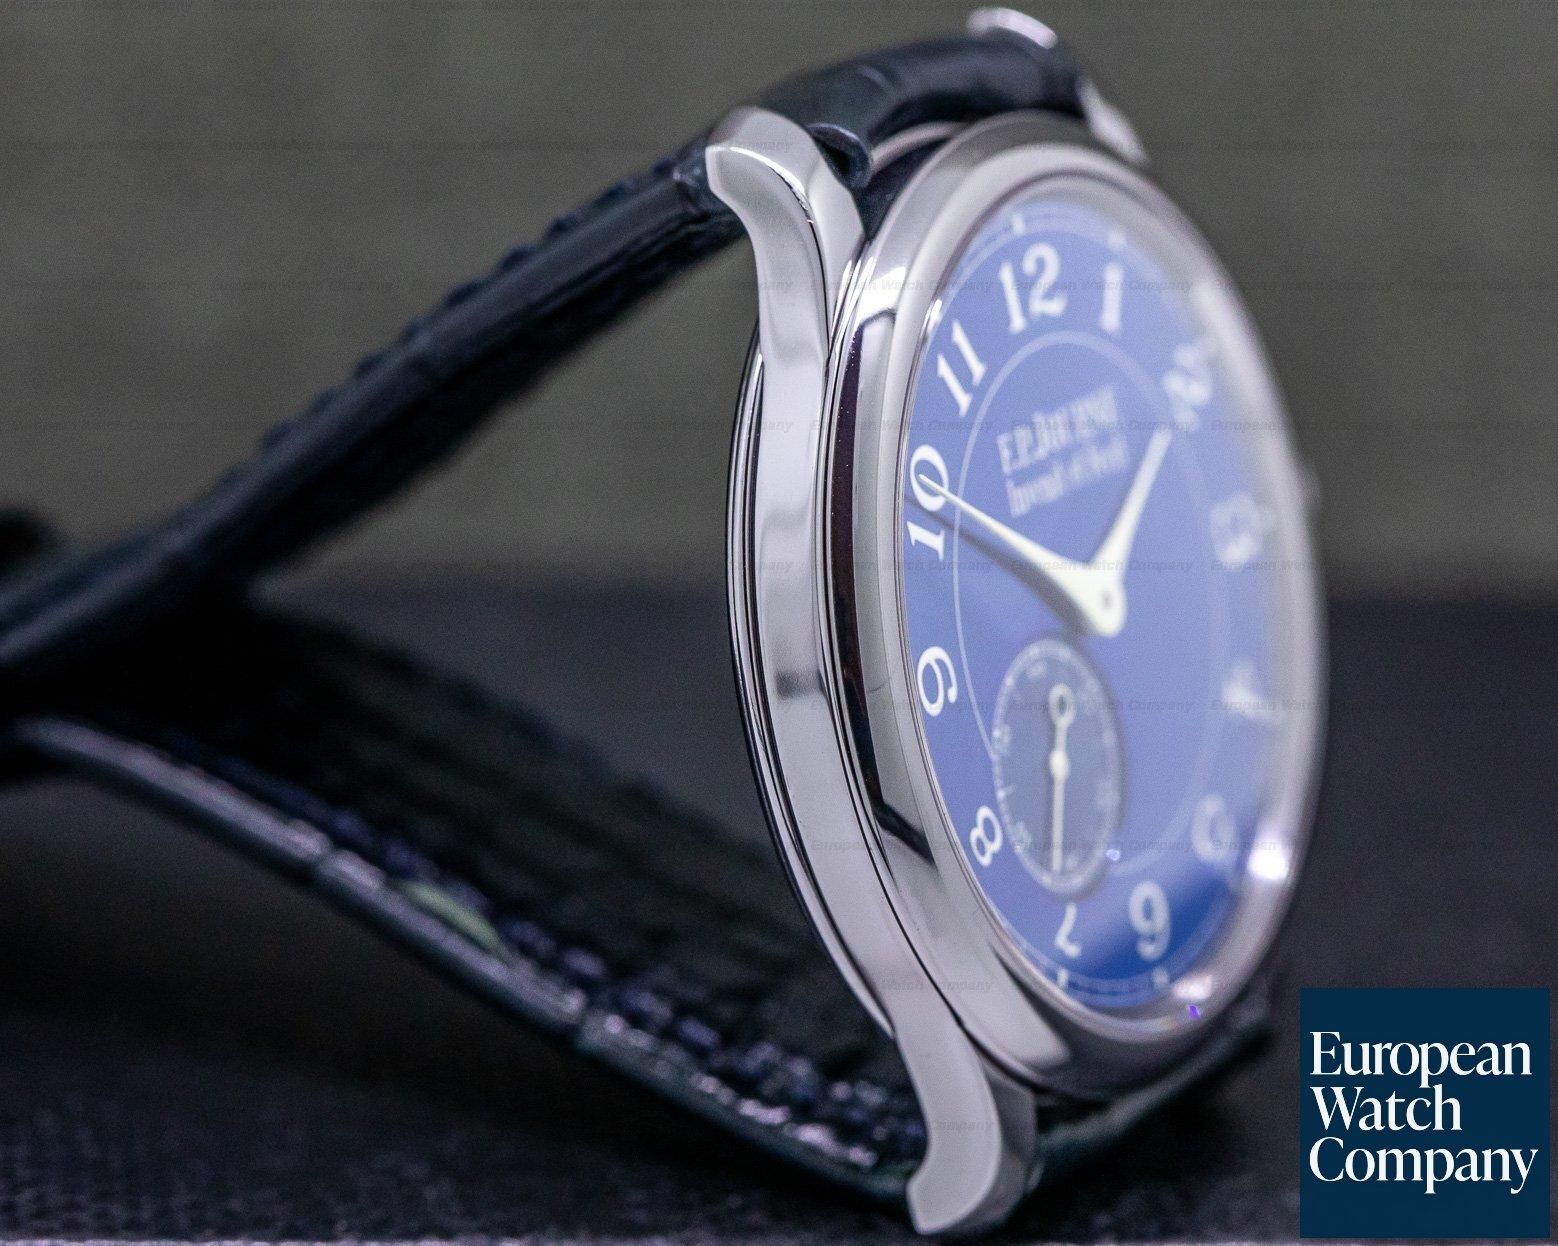 F. P. Journe Chronometre Bleu Chronometre Bleu Tantalum Blue Dial FIRST 100 MADE